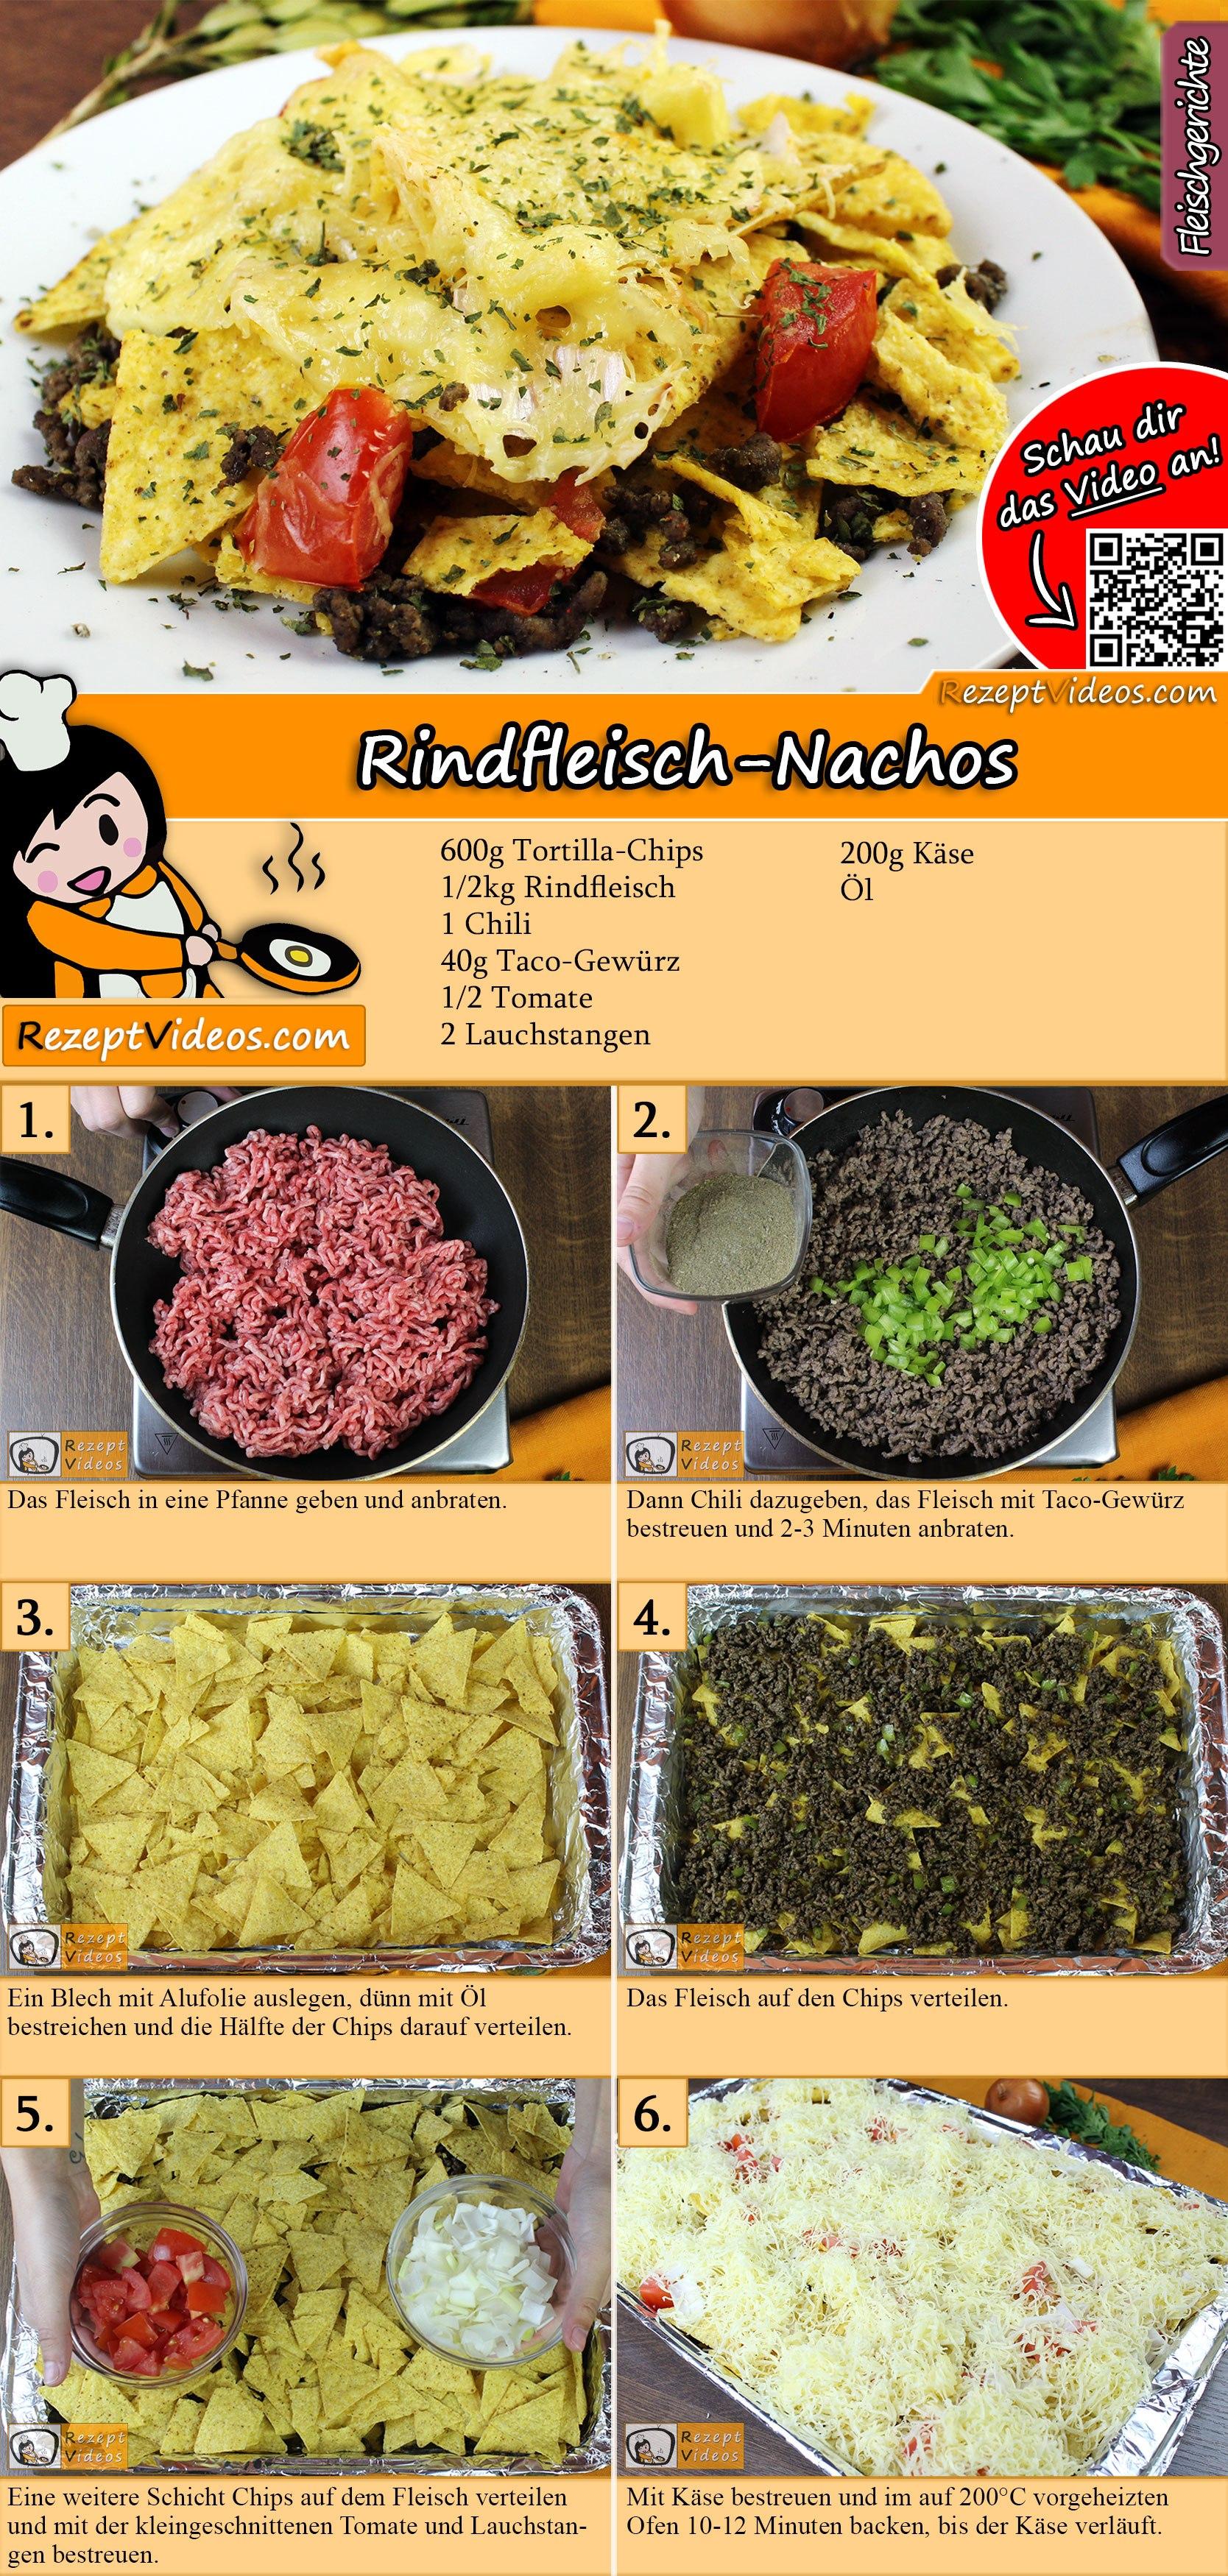 Rindfleisch-Nachos Rezept mit Video